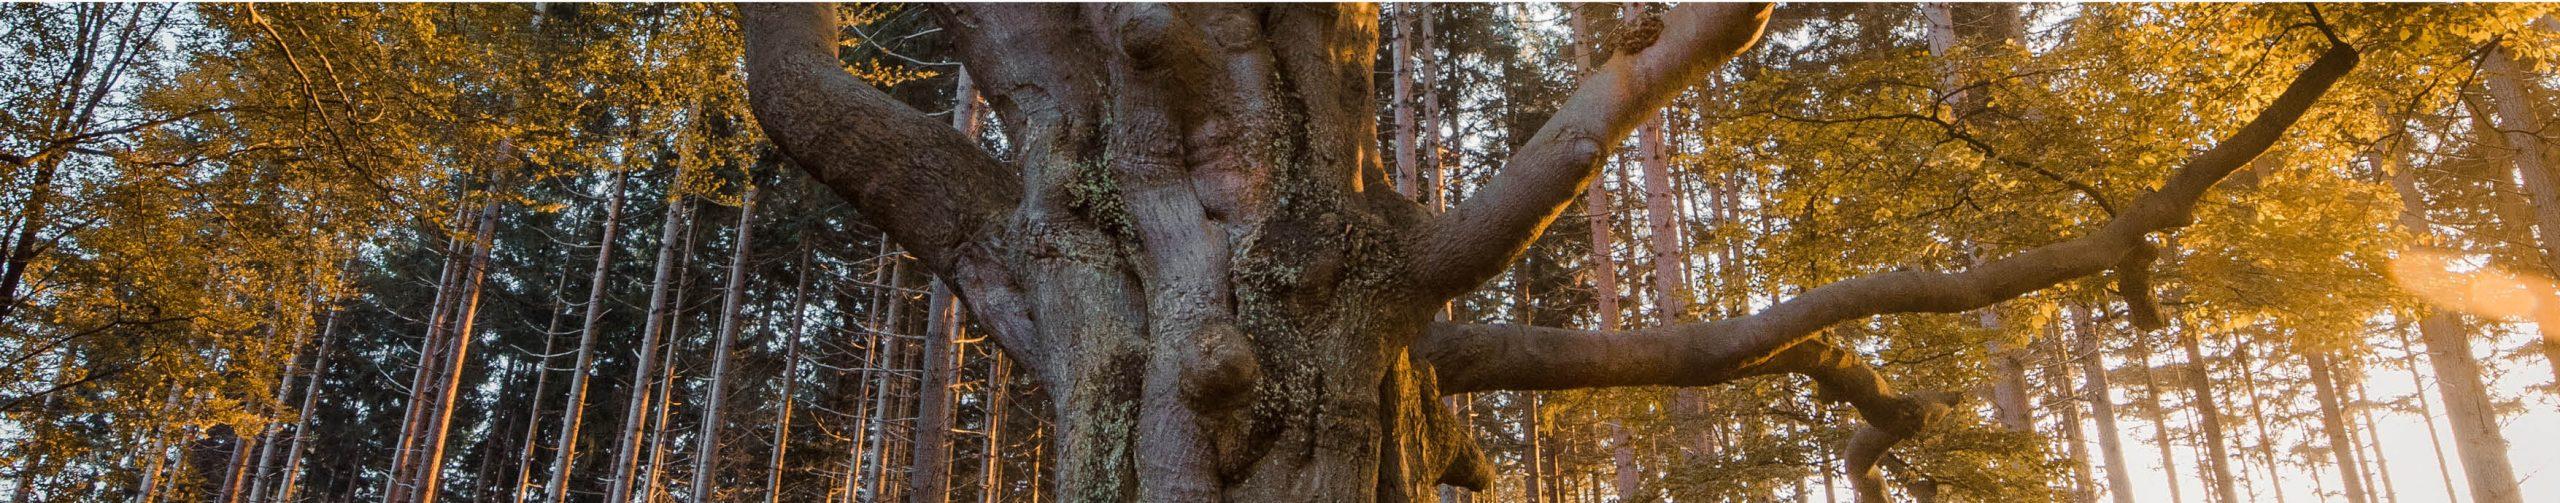 Unsere Verantwortung Wald